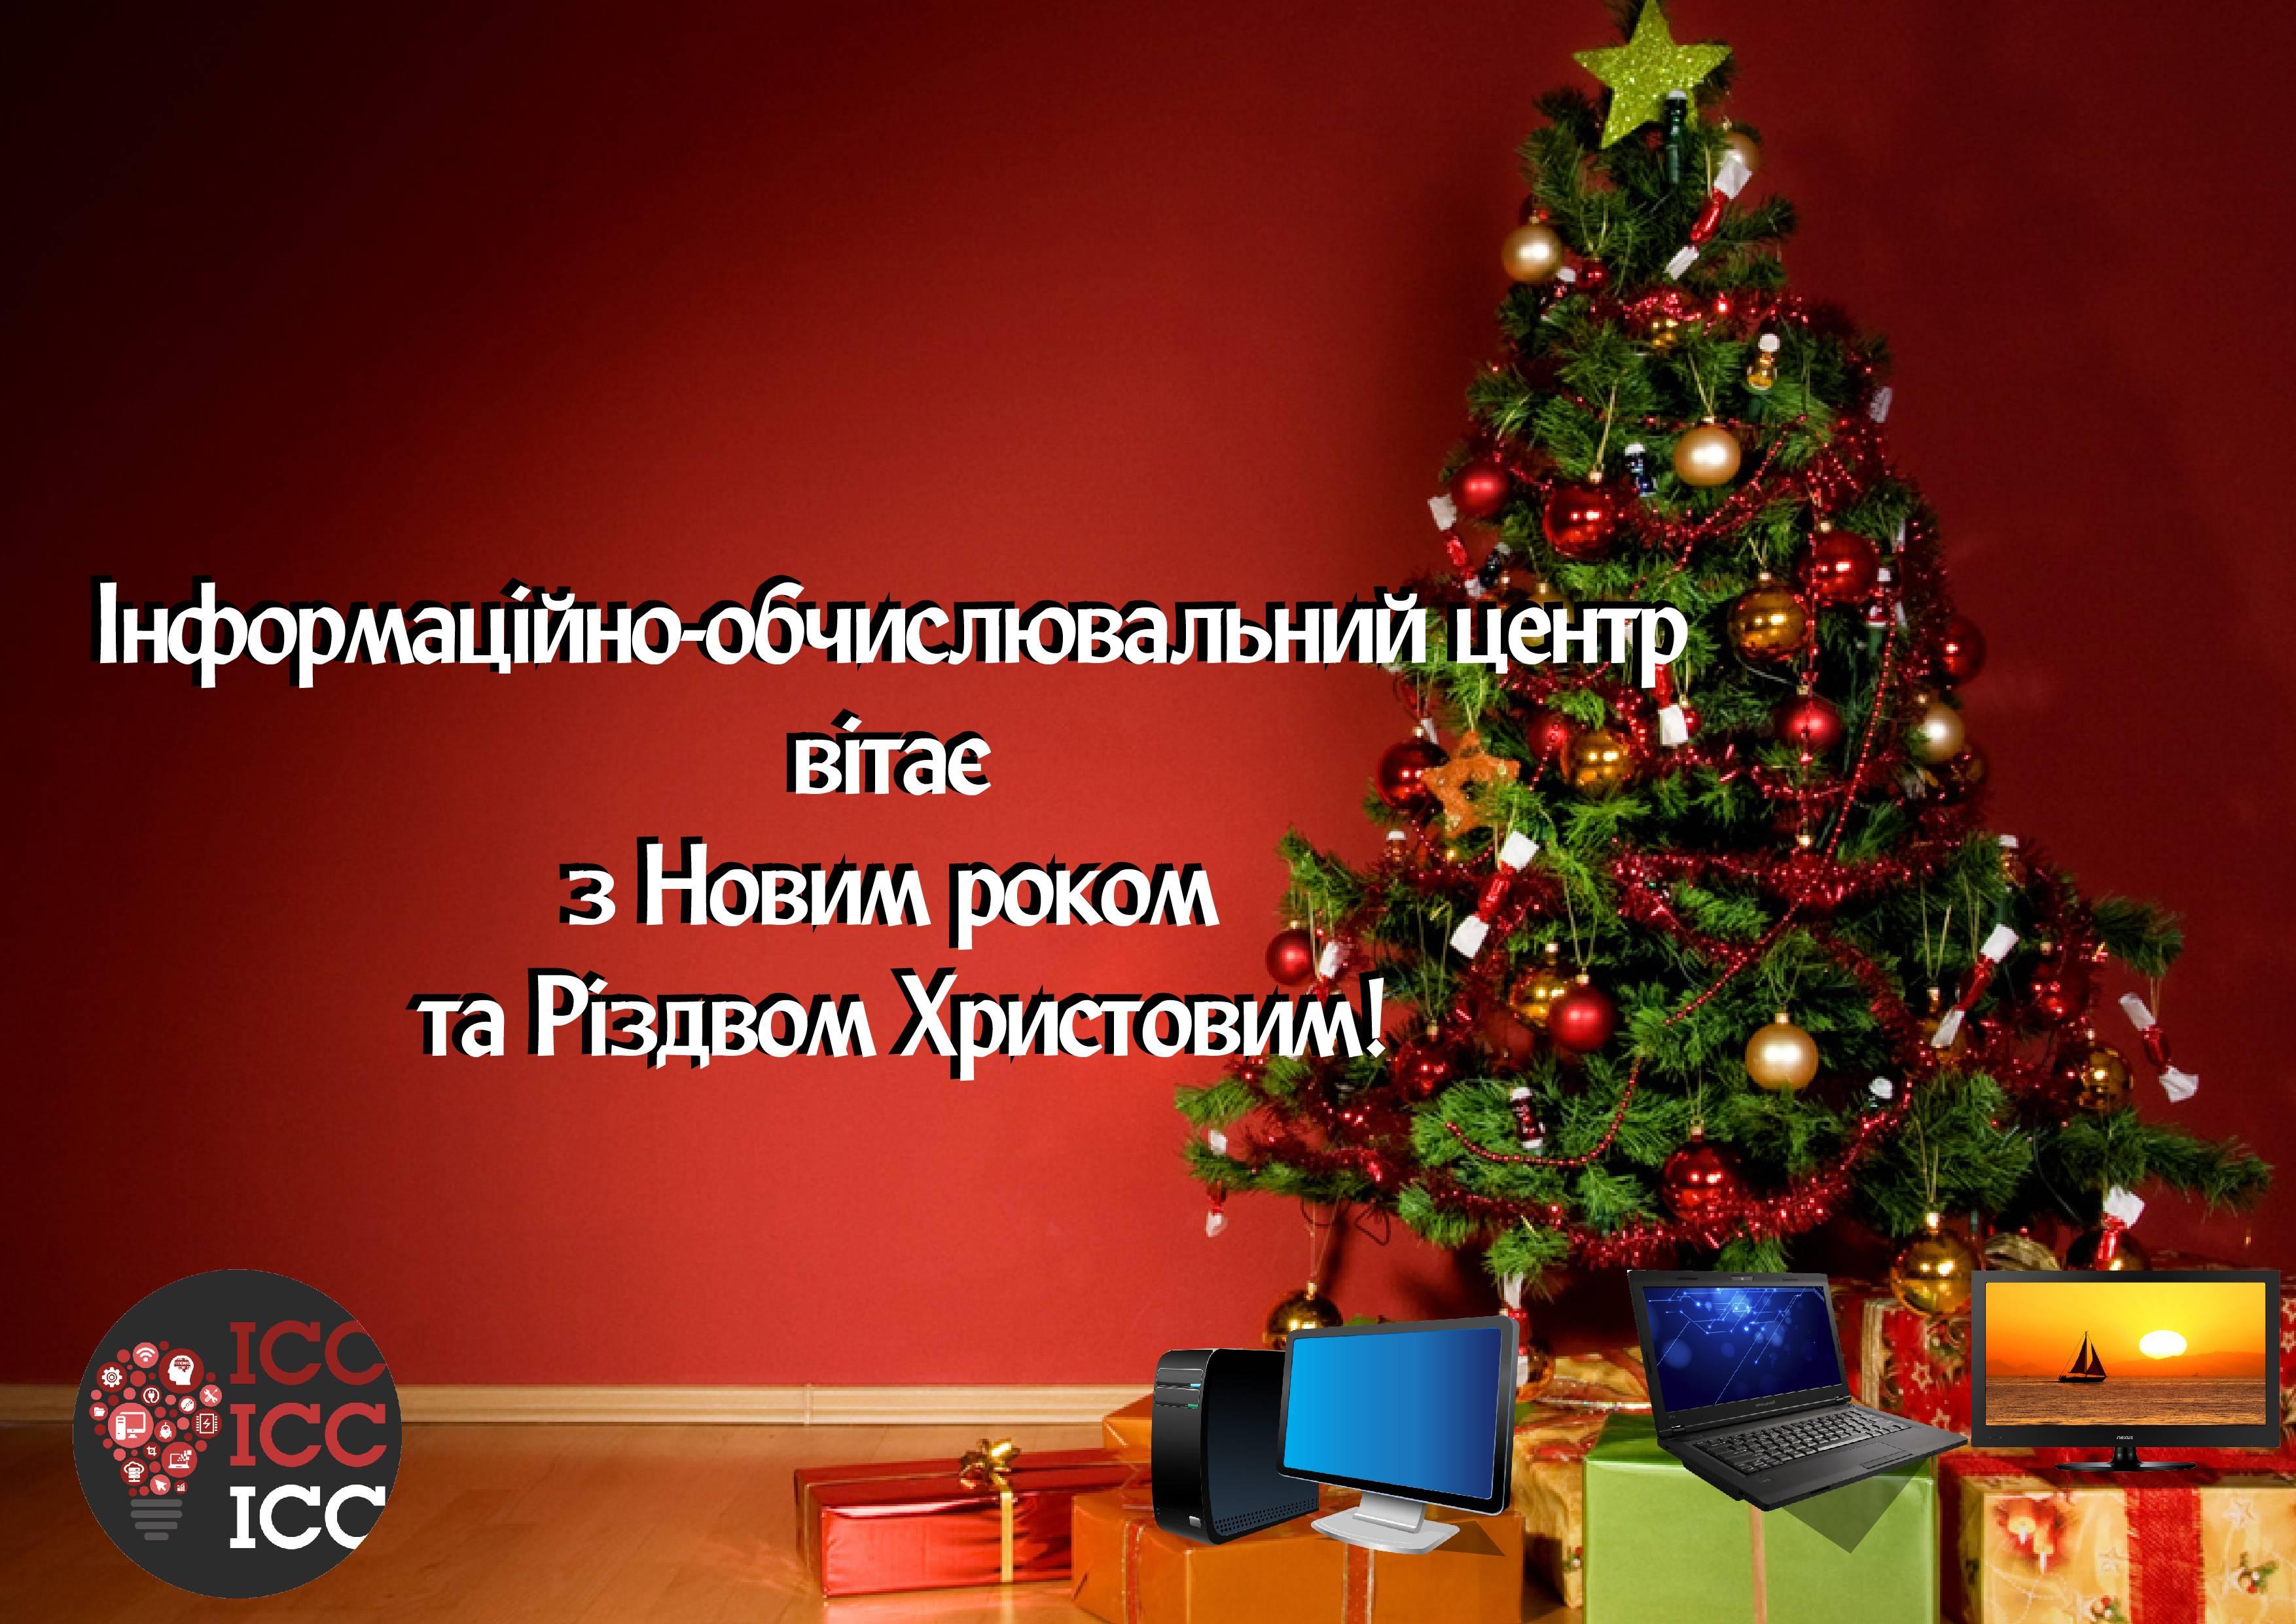 Інформаційно-обчислювальний центр вітає з Новим роком та Різдвом Христовим!